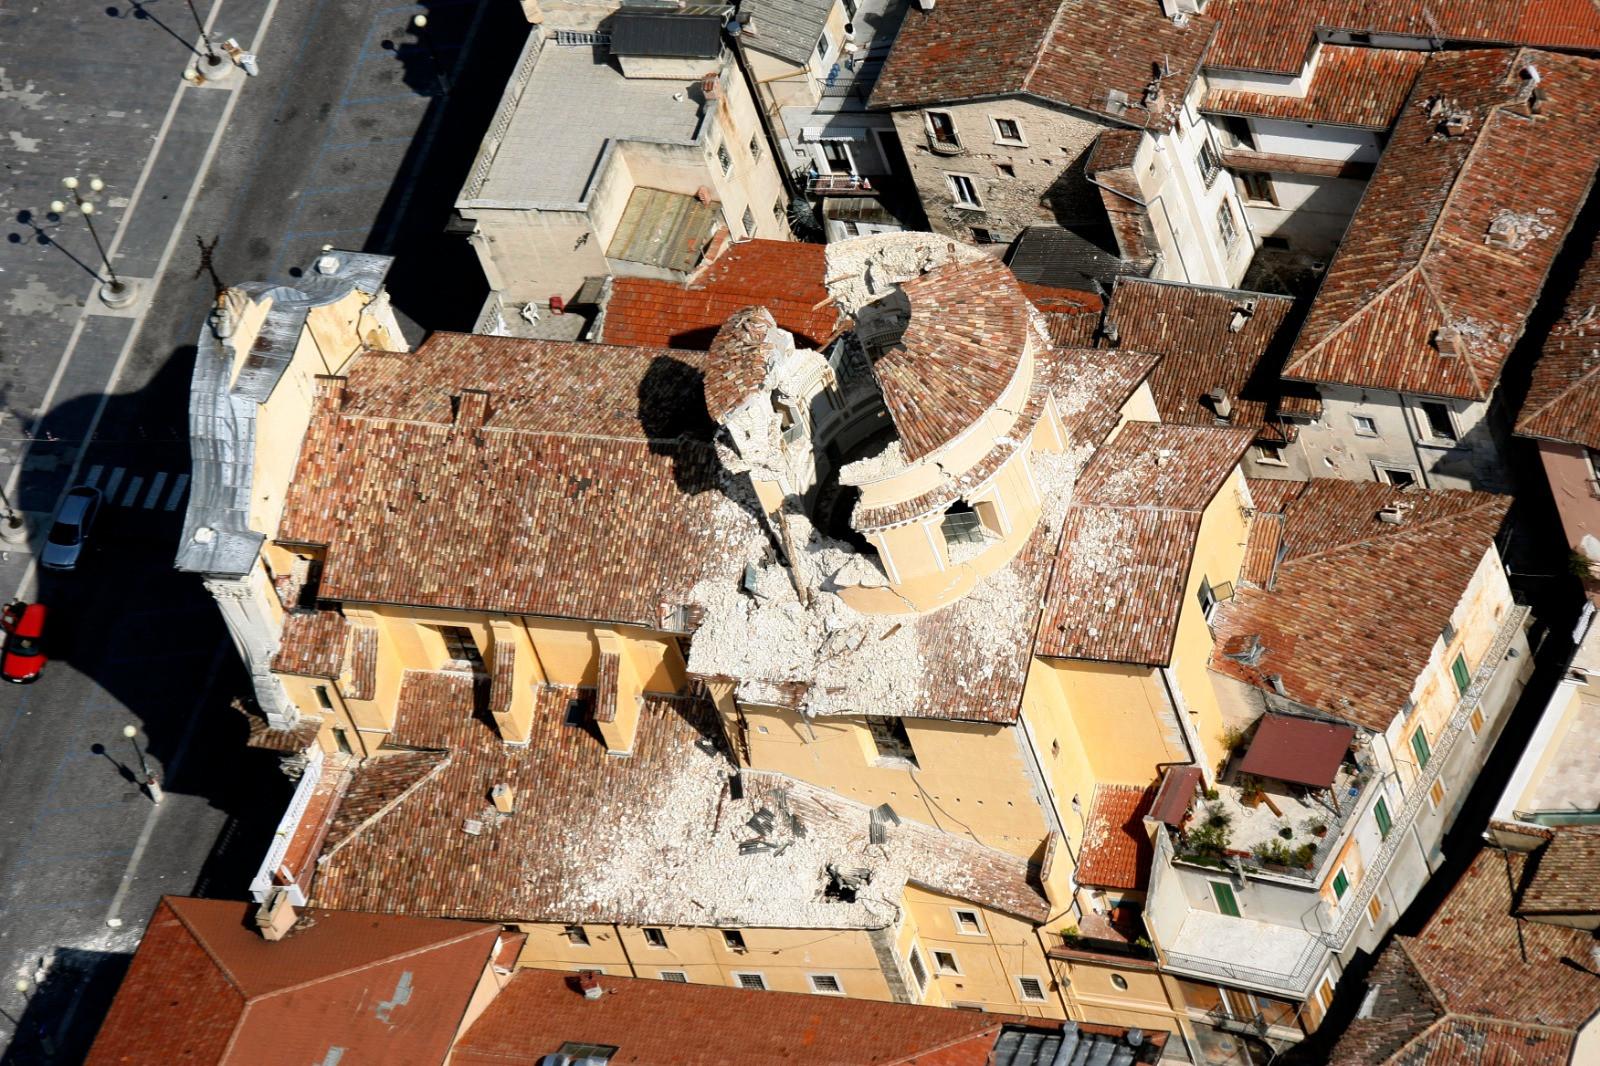 La terra torna a tremare forte scossa di terremoto a L'Aquila